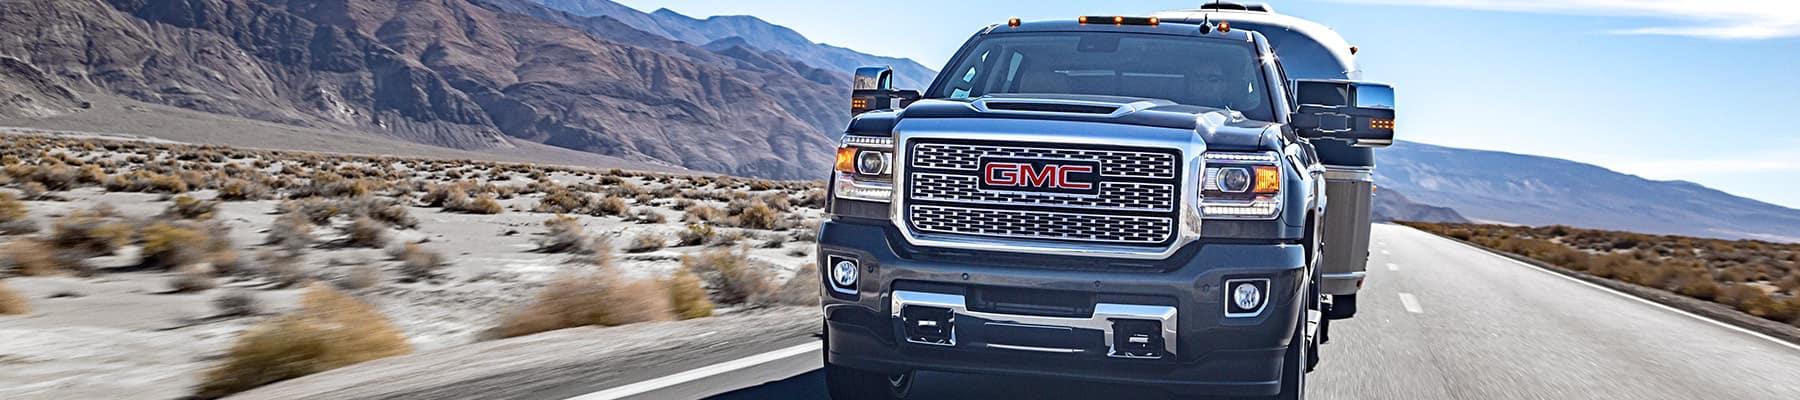 2019 GMc 2500 Hd Sierra driving down a road